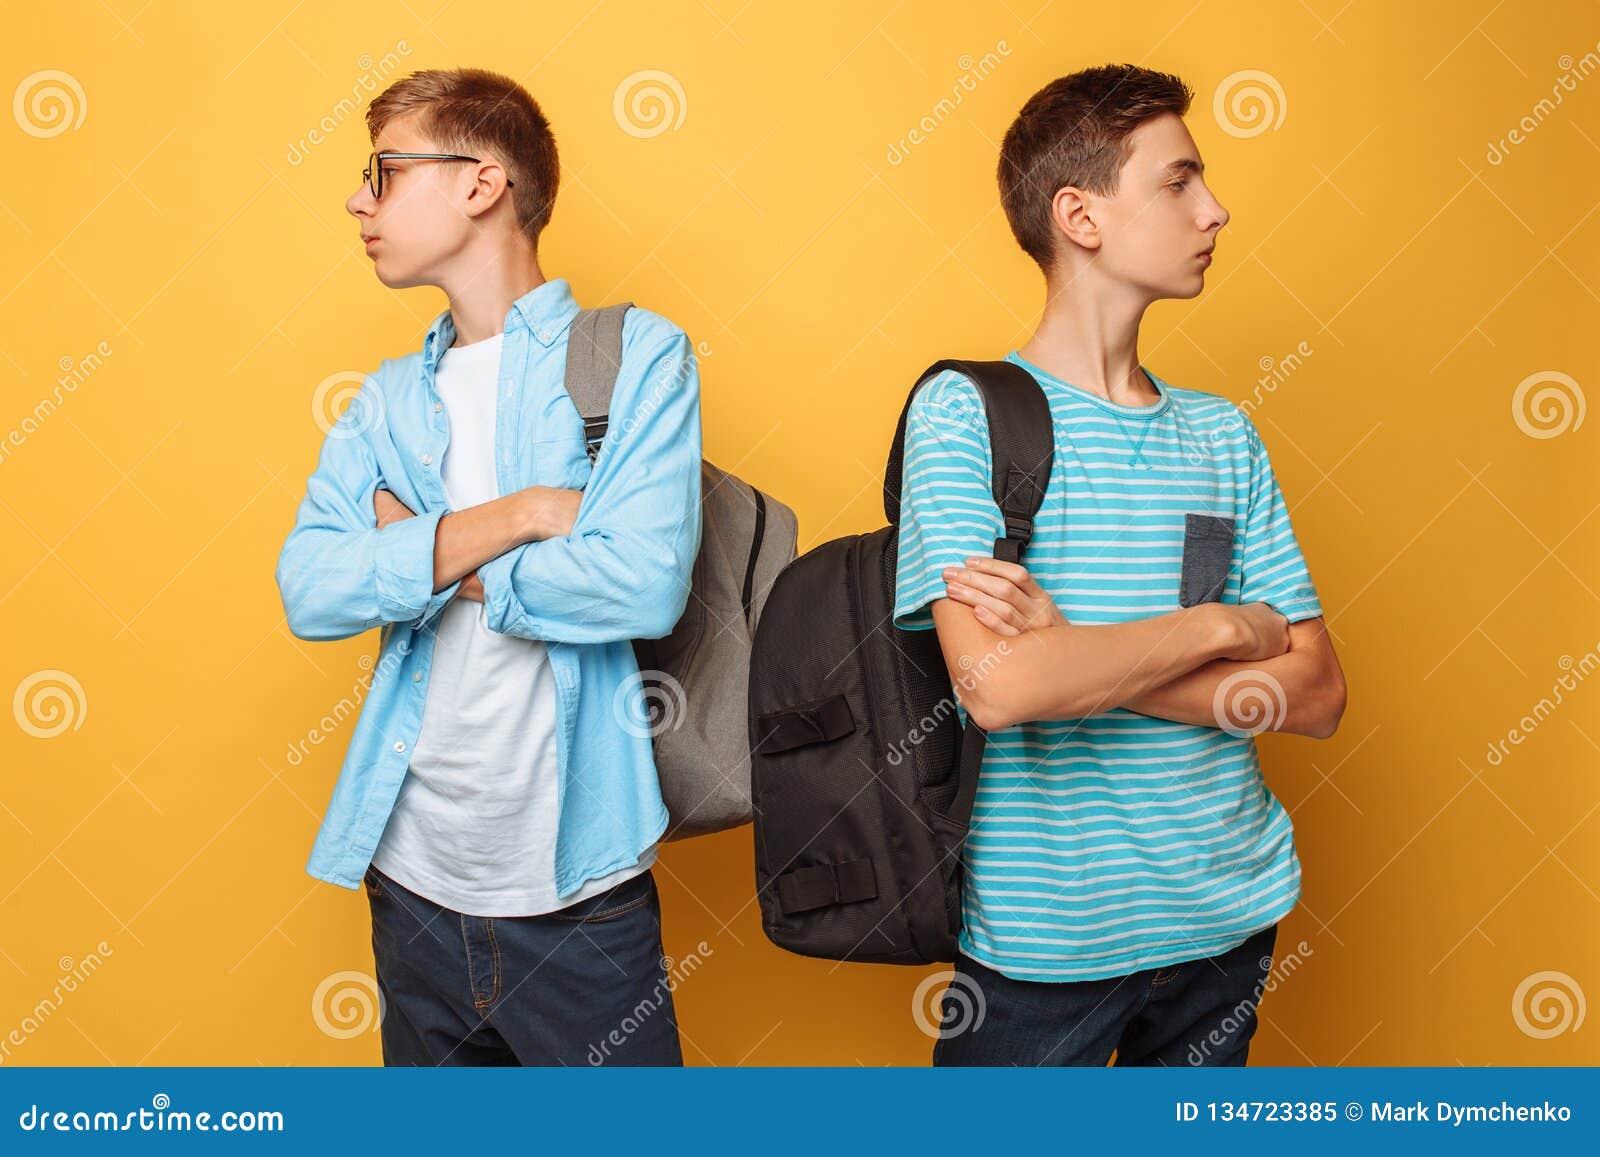 Dois adolescentes orgulhosos, ofendidos em se e pouco dispostos admitir sua culpa, são isolados contra um fundo amarelo